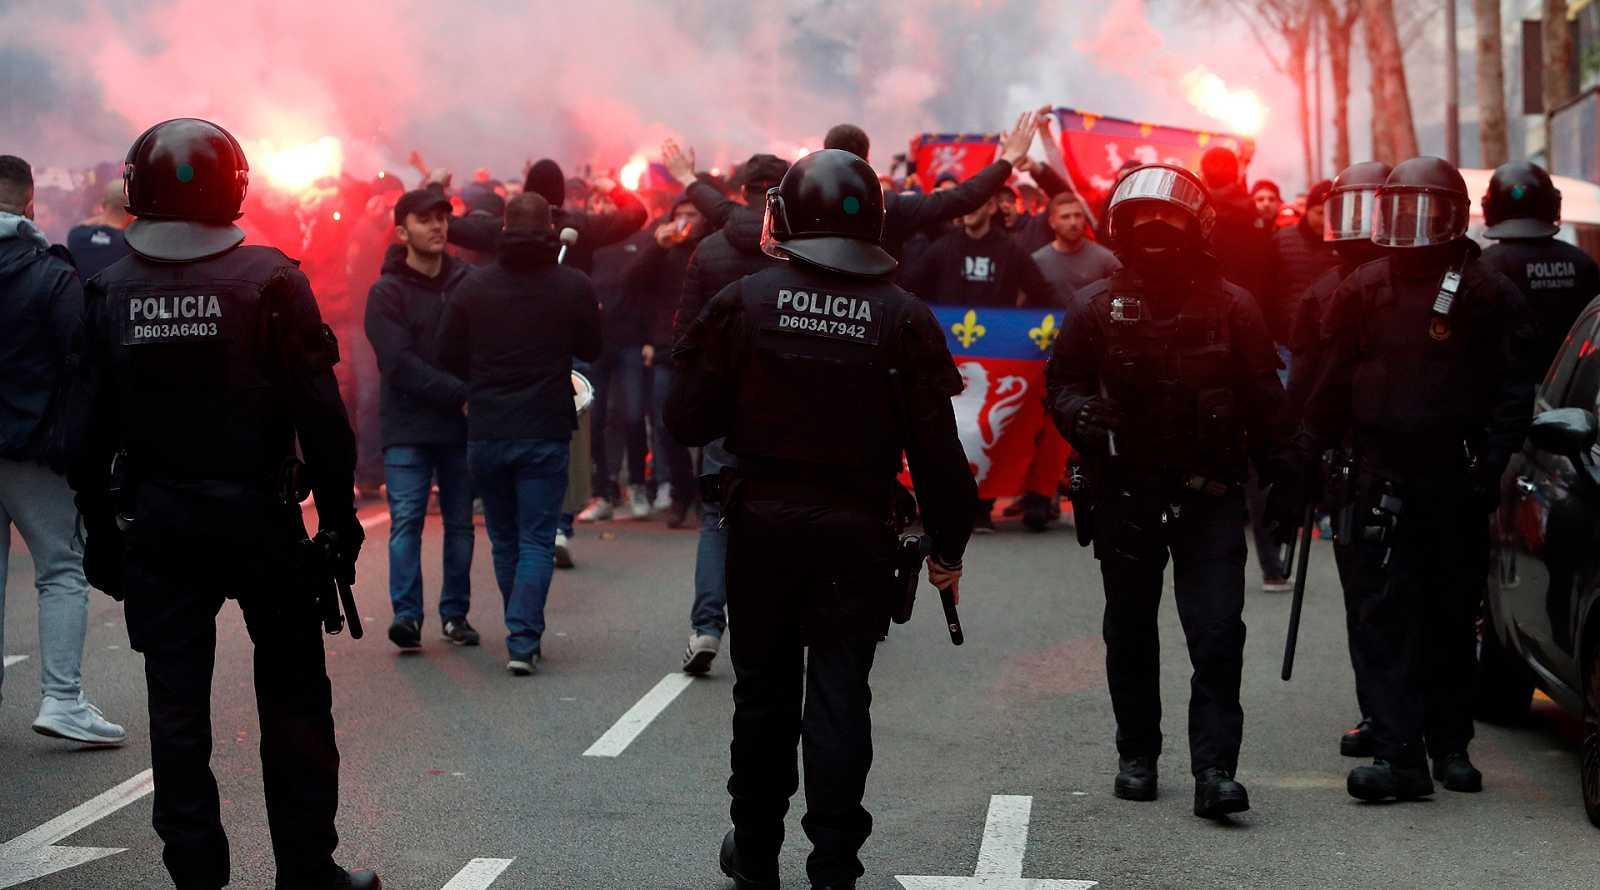 La previa del partido entre el Barcelona y el Lyon en el Camp Nou se saldó con seis aficionados del equipo francés y uno del Barcelona detenidos.